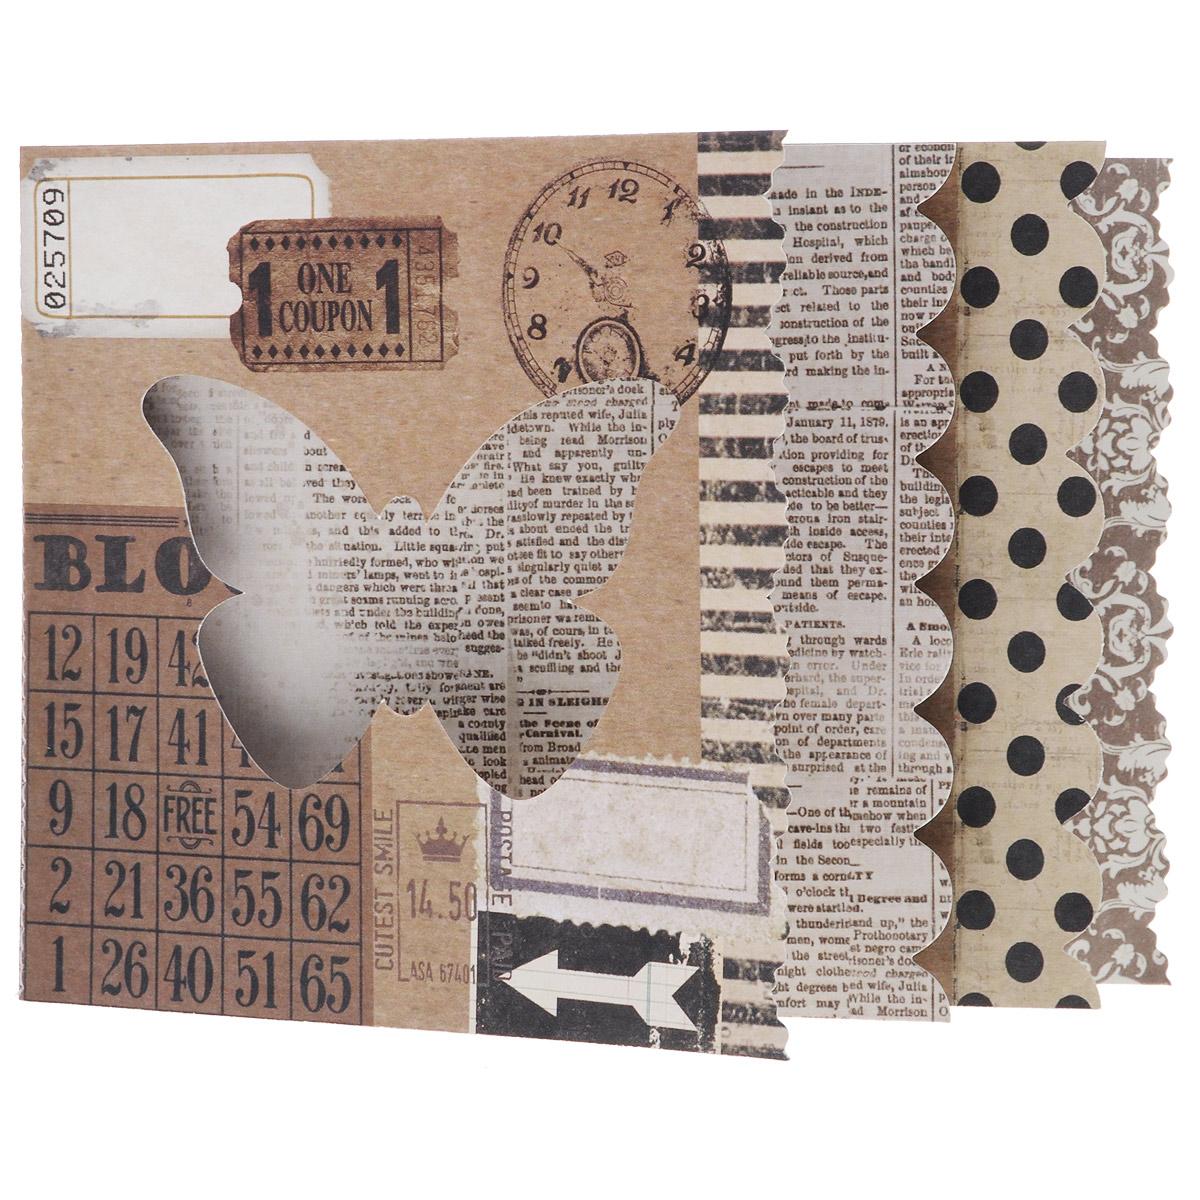 Мини-альбом Крафт, 11,5 х 16,5 см, 4 листа545555Мини-альбом Крафт позволит создать красивый альбом ручной работы. Он состоит из 4 листов и имеет 2 разворота. Листы из плотной бумаги оформлены разным дизайном. Бумага не содержит лигнин и хлор.